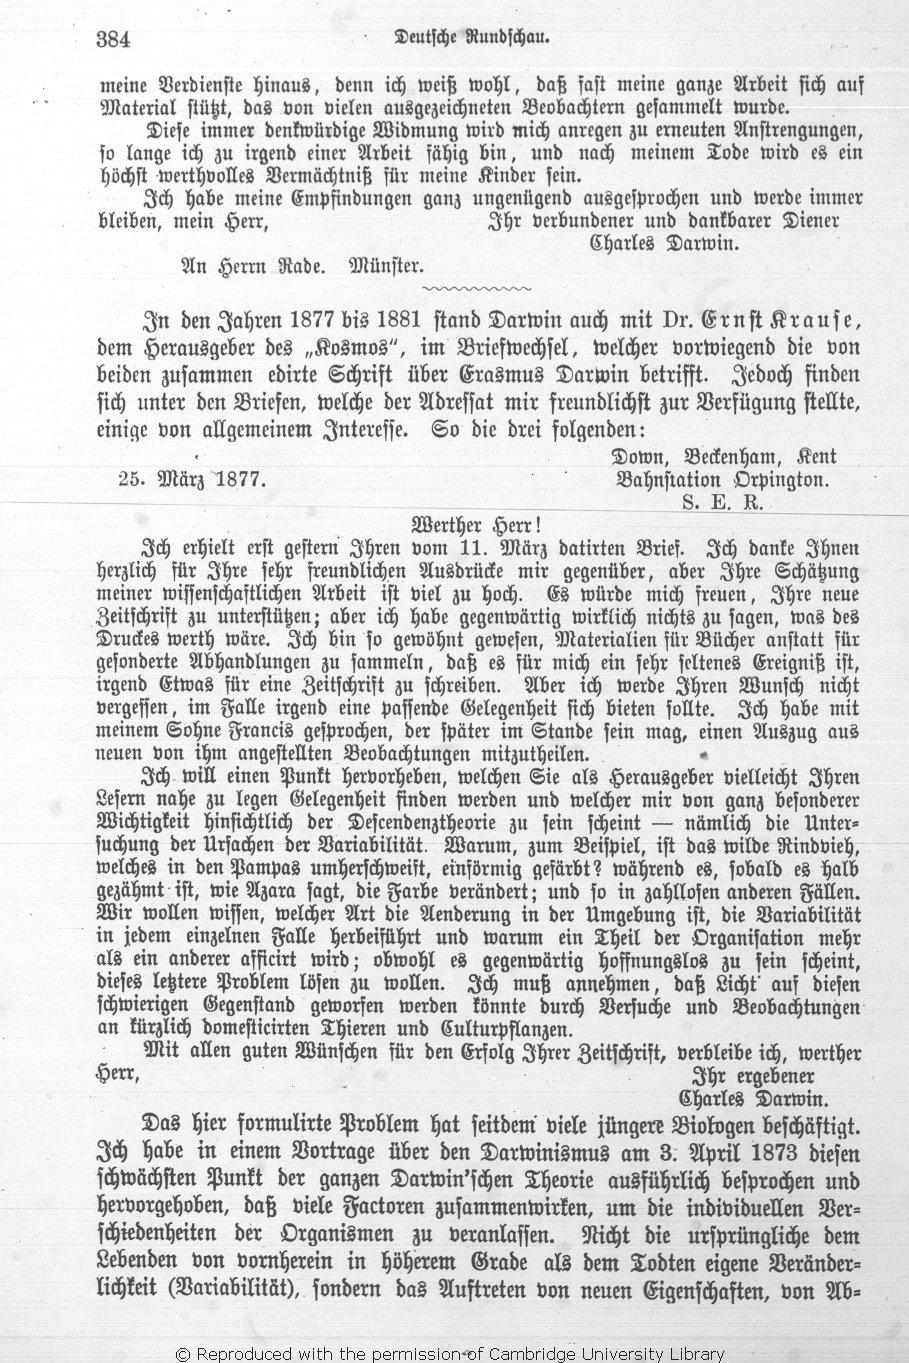 Preyer, William Thierry. 1891. Briefe von Darwin. mit Erinnerungen ...